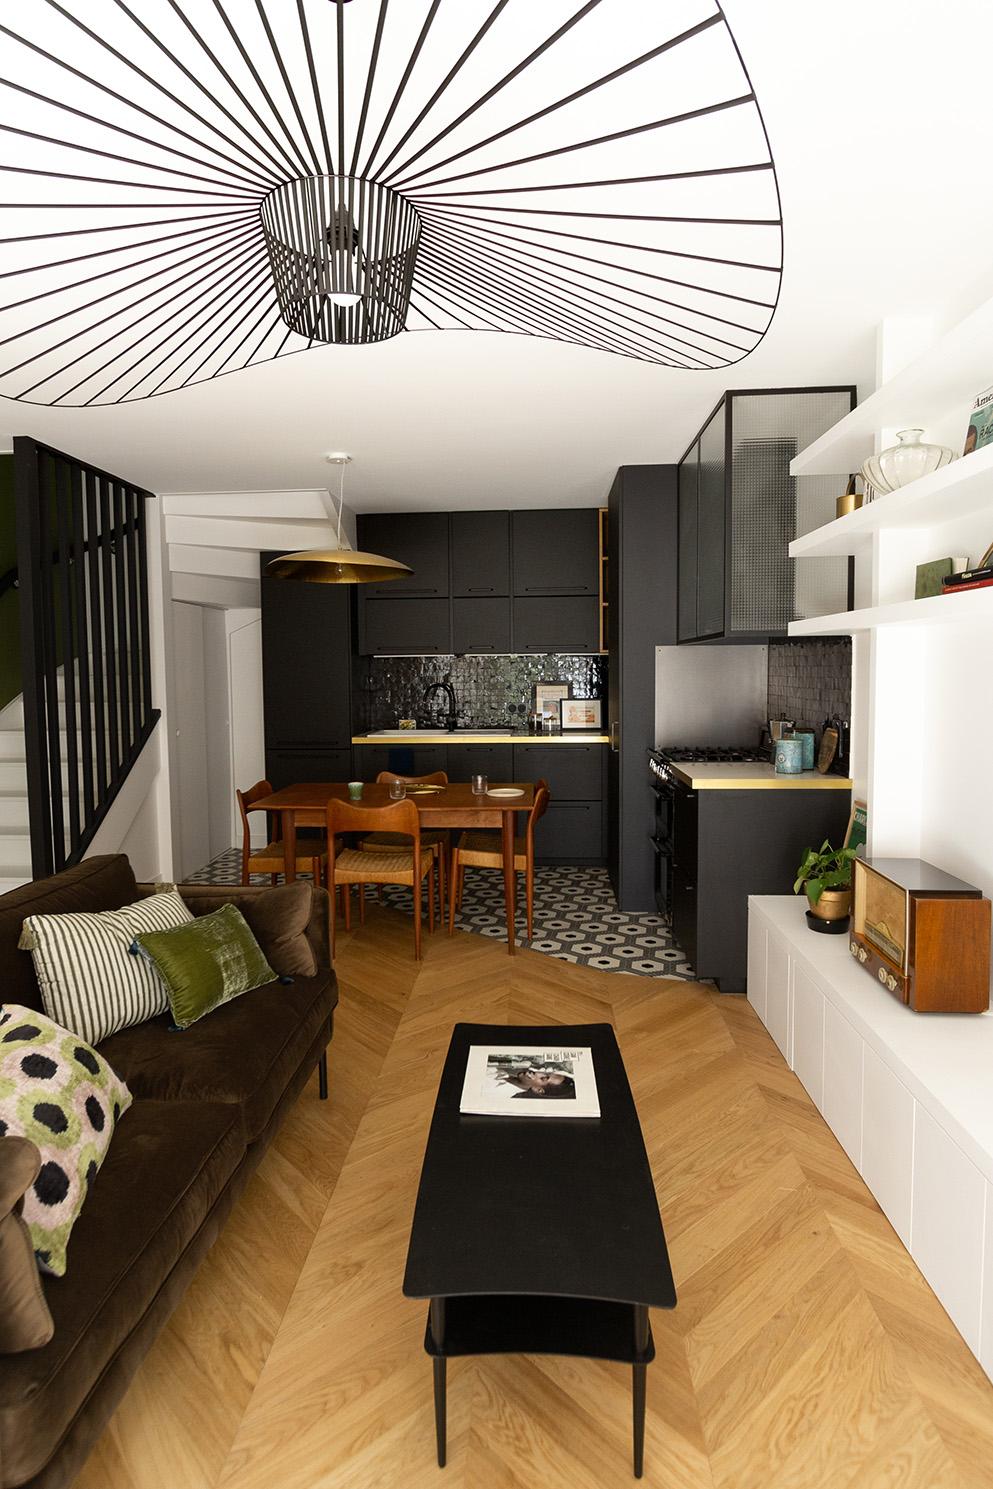 Rénovation haussmannien - cuisine noire, laiton et zelliges - Architecte intérieur Paris - Studio Mariekke